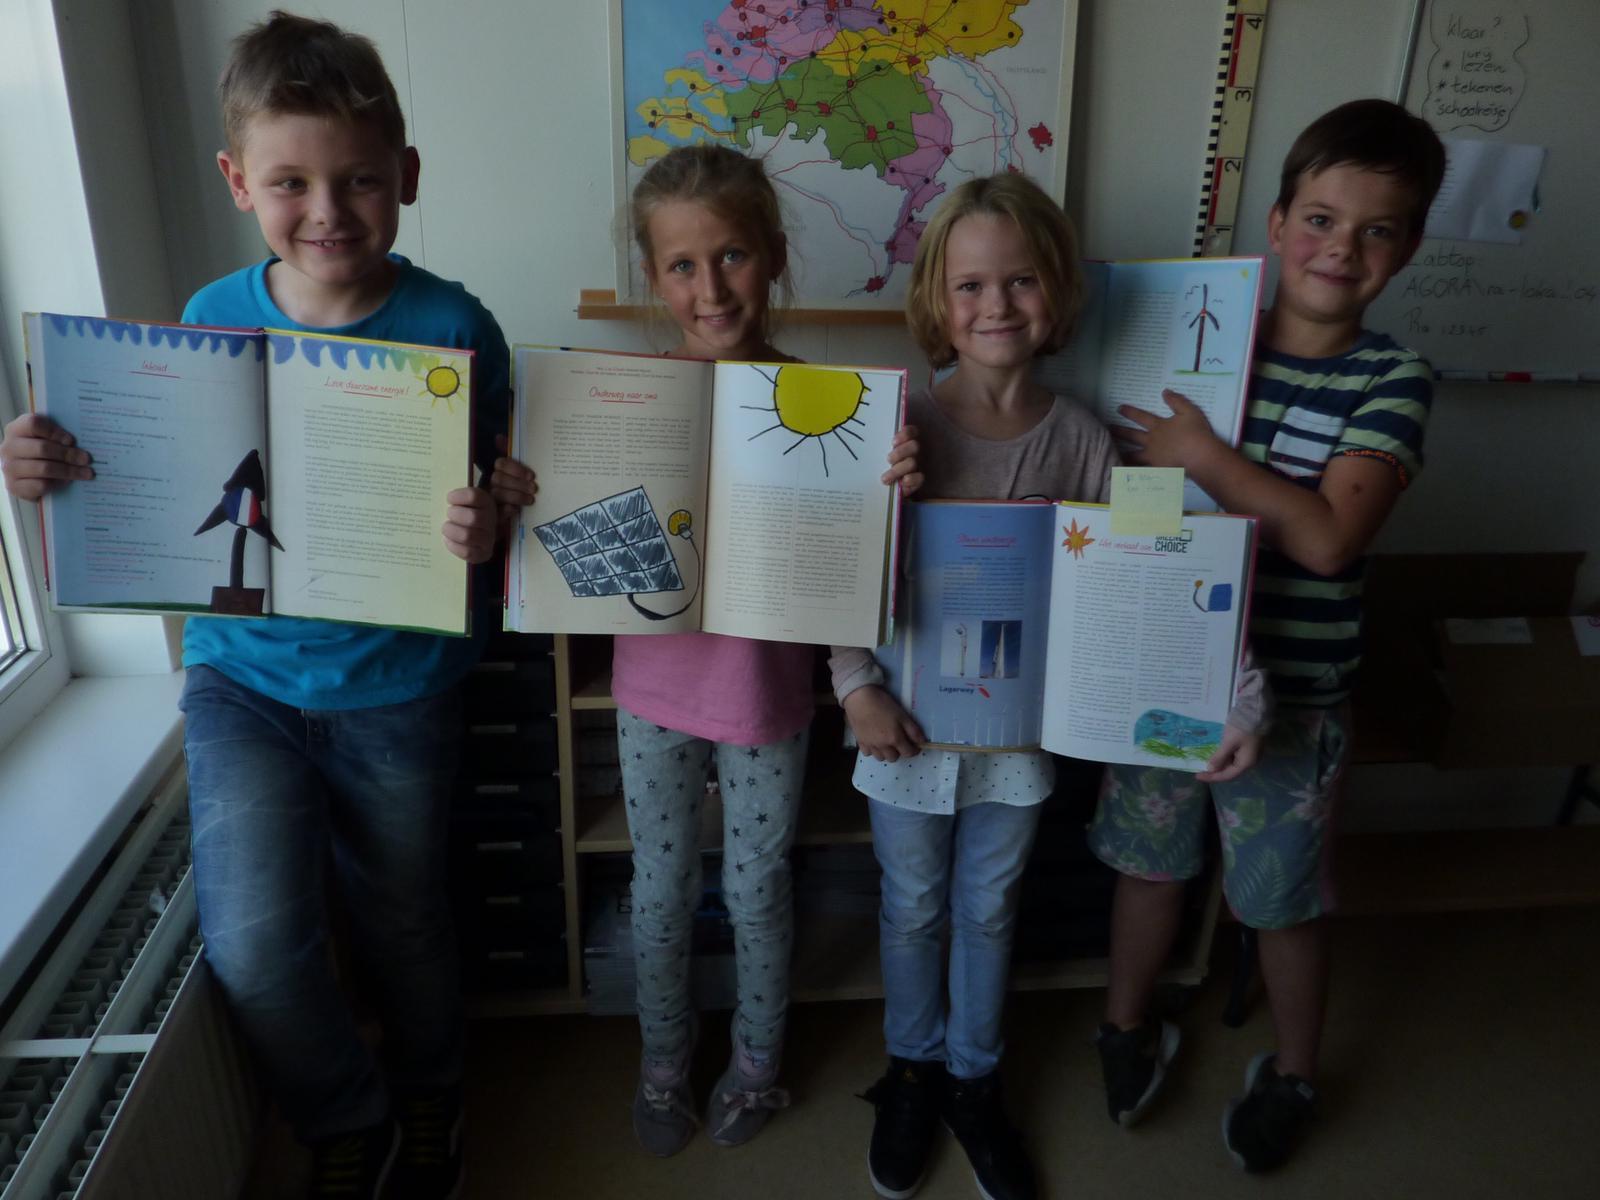 Daan, Xavie, Emma en Mees zijn leerling van Basisschool De Rank in Westzaan. Zij laten hun tekeningen zien die dit jaar zijn opgenomen in het voorleesboek van de Dag van de Duurzaamheid. (Foto: aangeleverd)